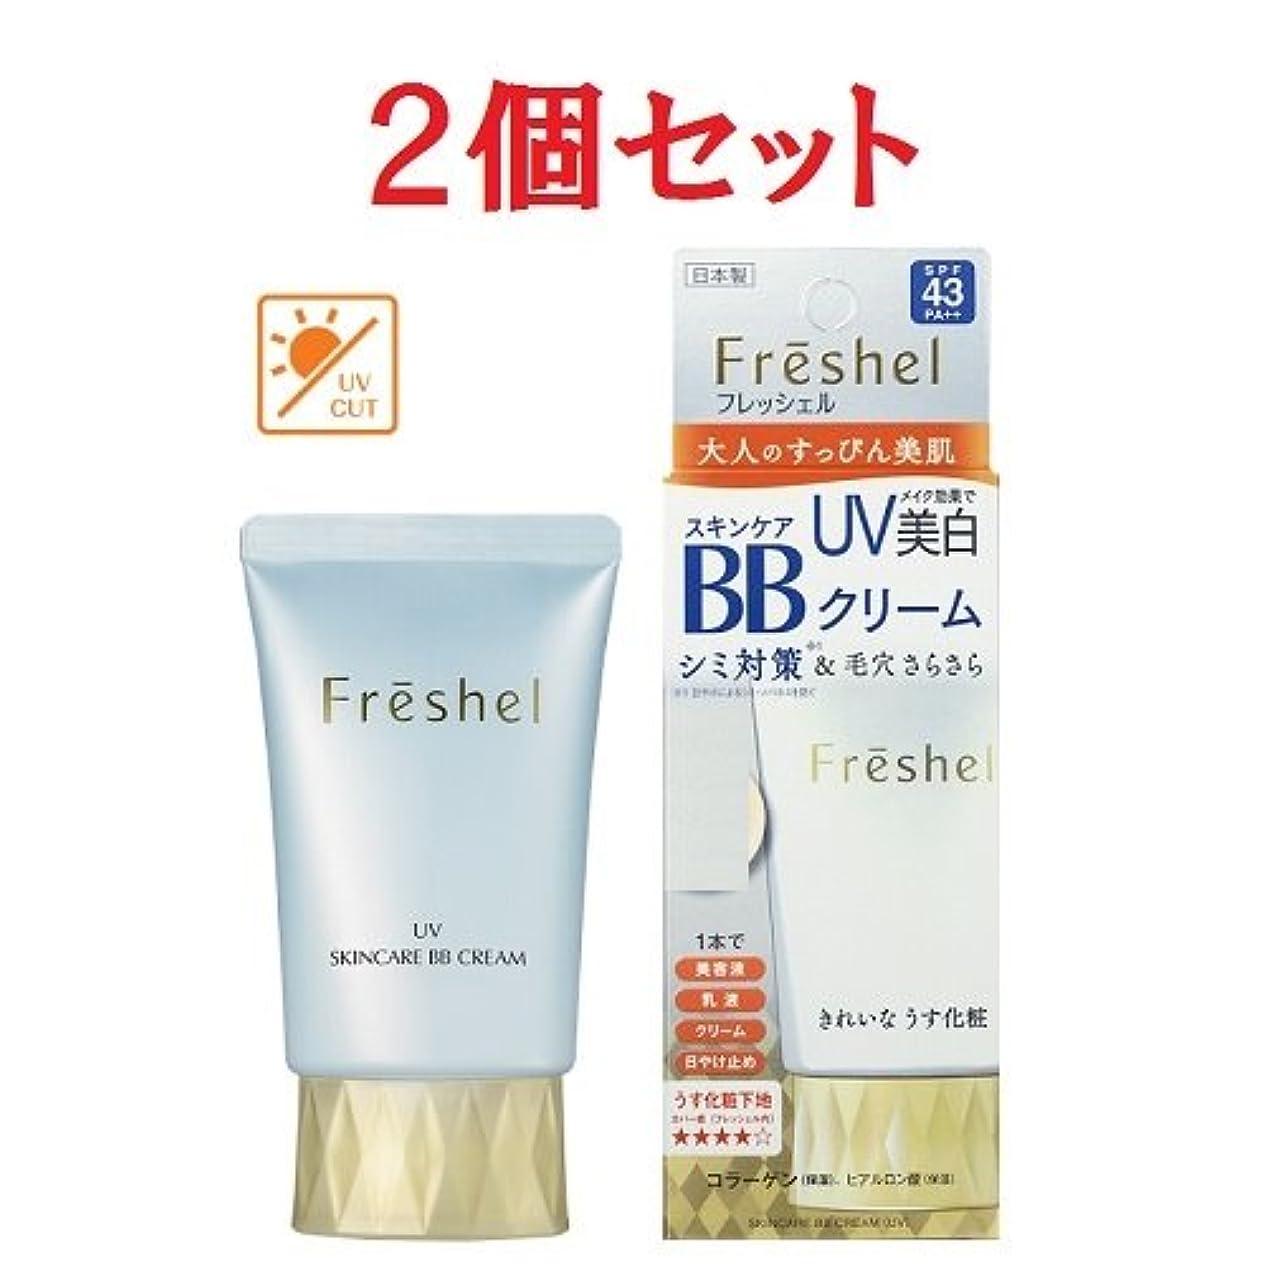 アレルギー刺激する放棄された2個セット フレッシェル スキンケア BBクリーム UV 50g NB